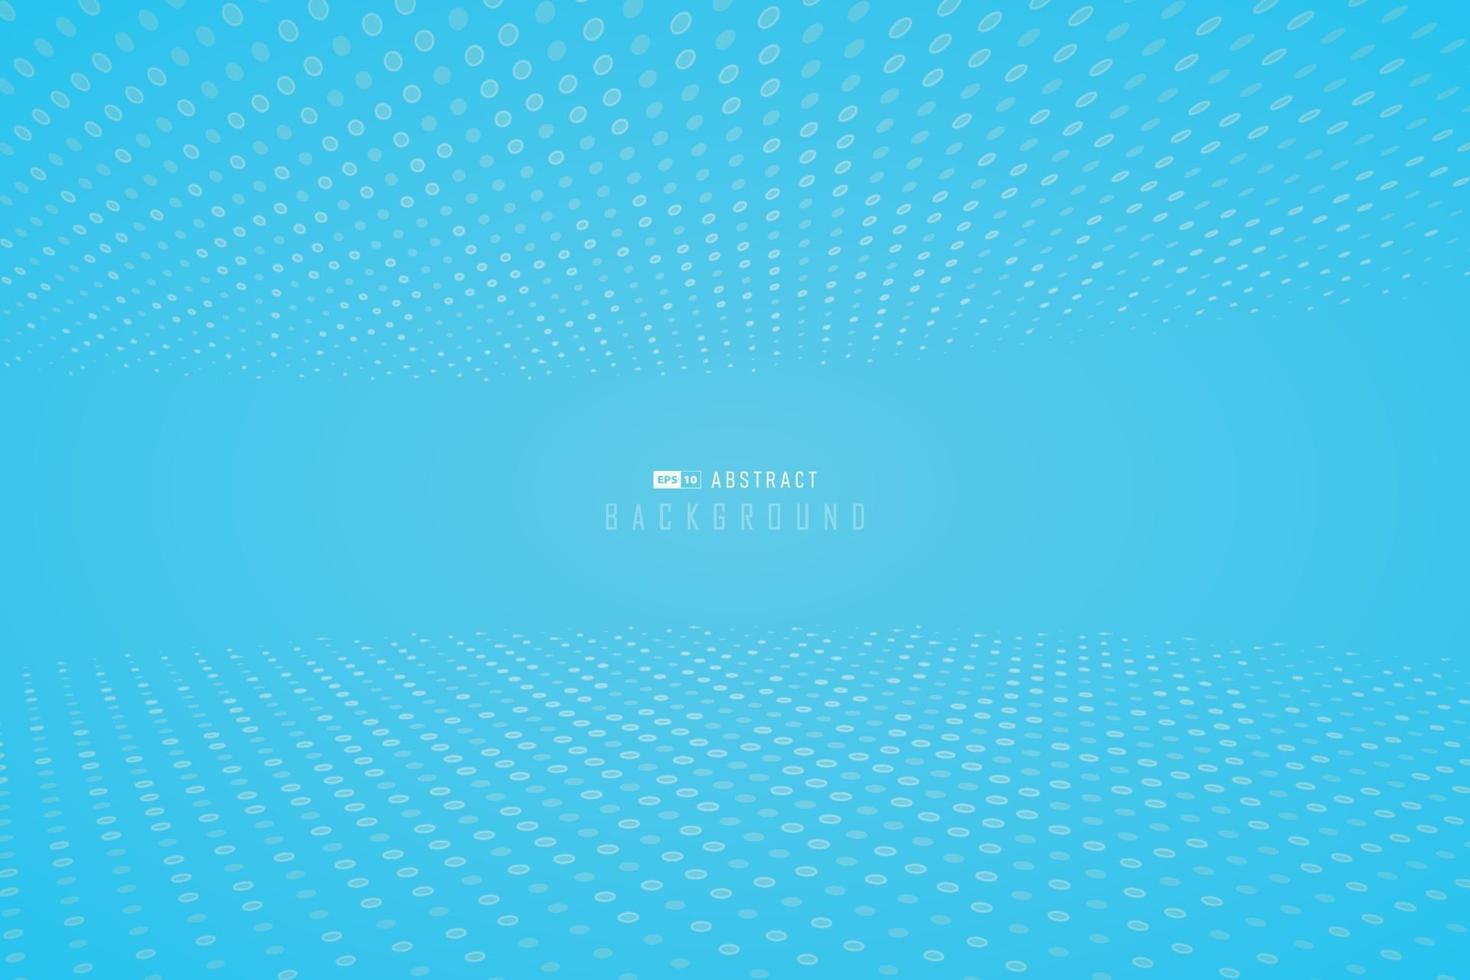 papel tapiz azul degradado brillante abstracto con fondo de diseño minimalista punteado de semitono. vector de ilustración